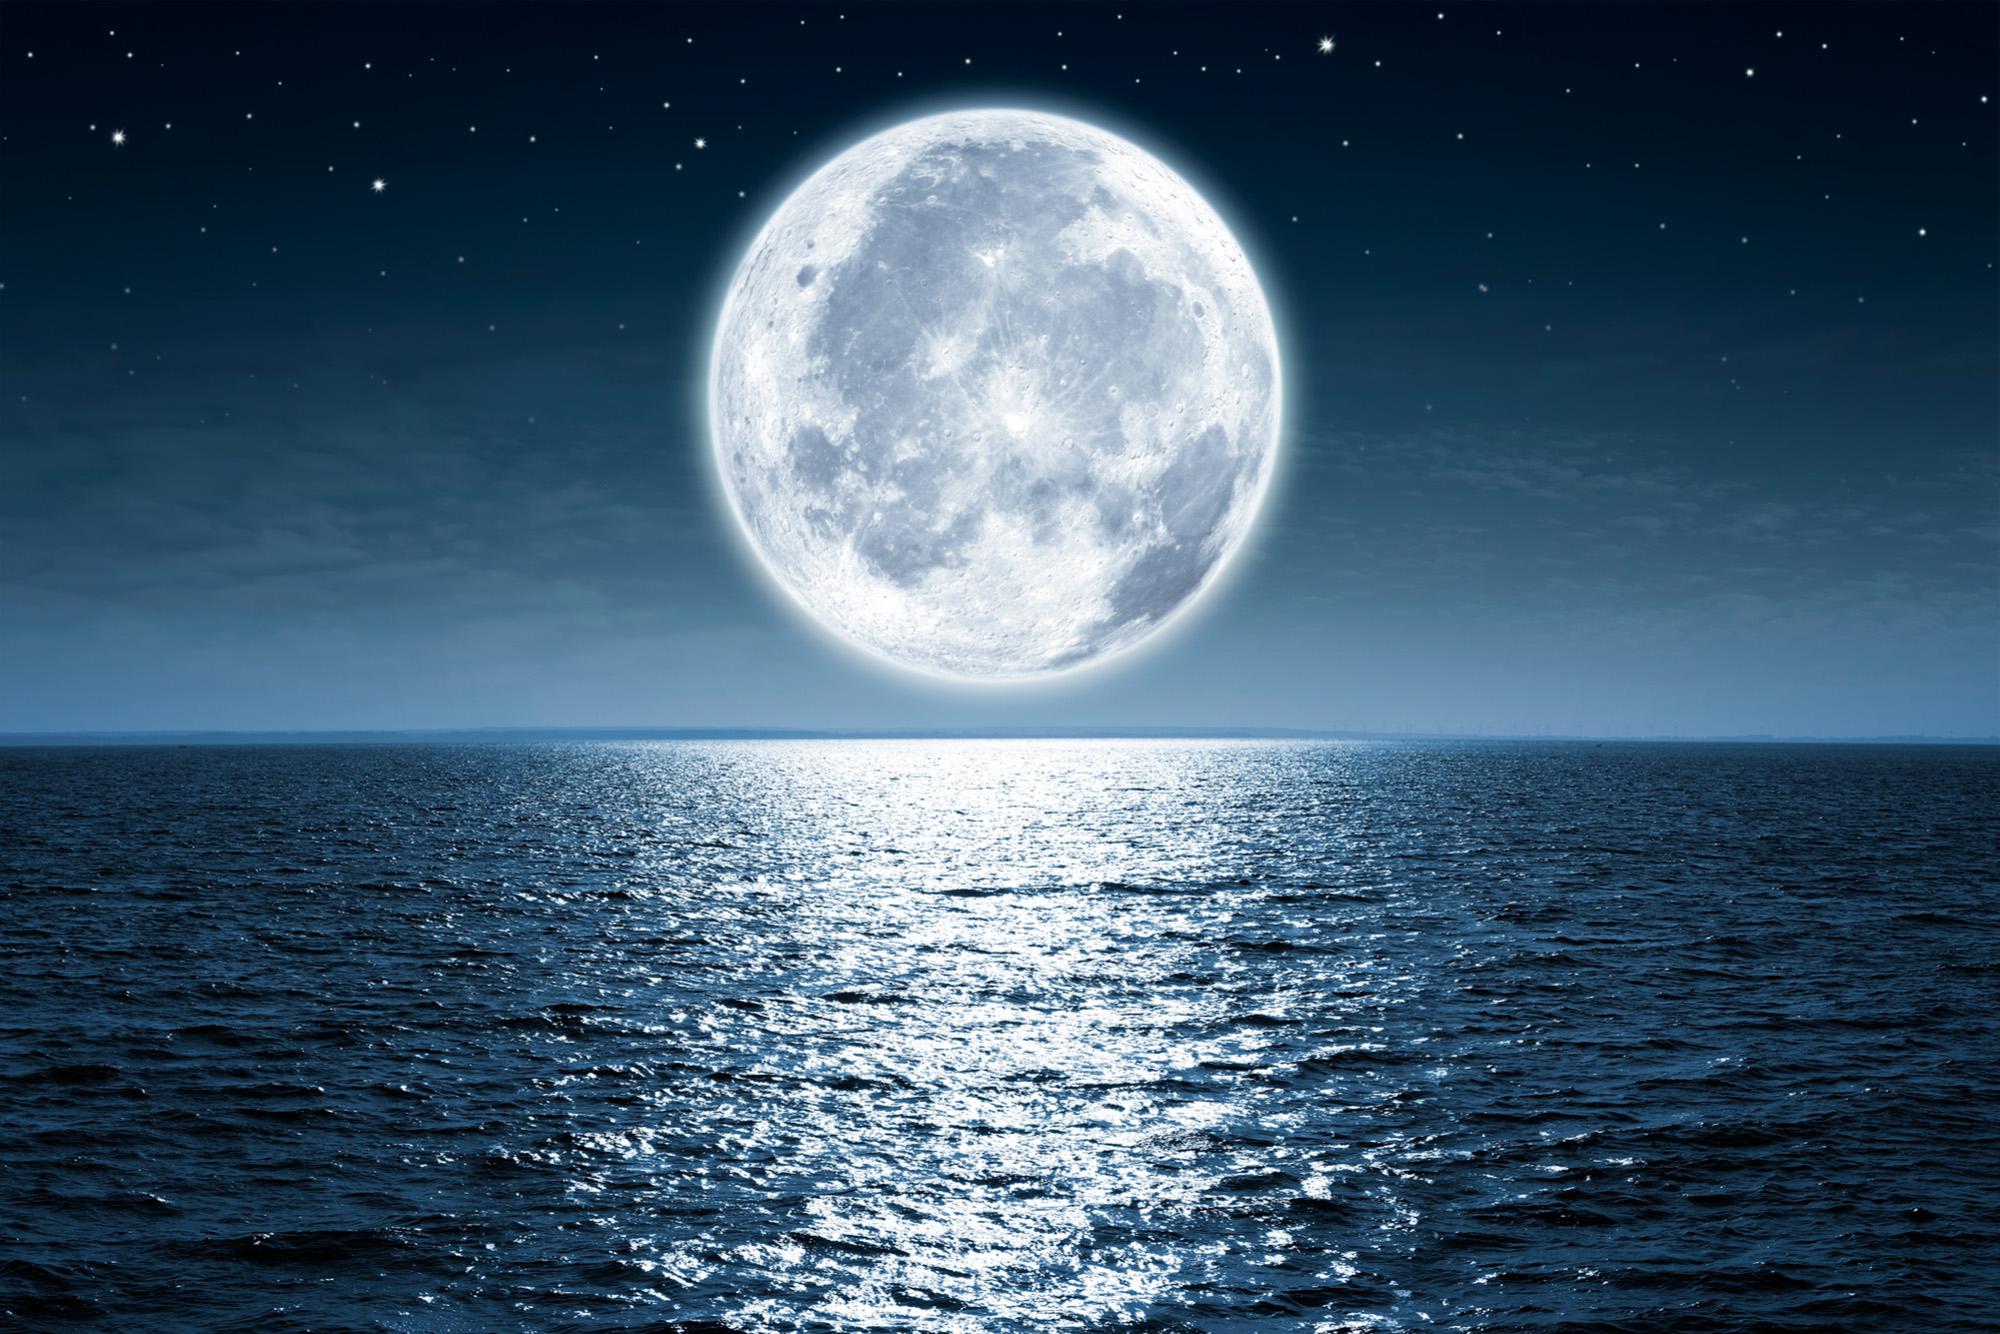 Full moon-72 ppi